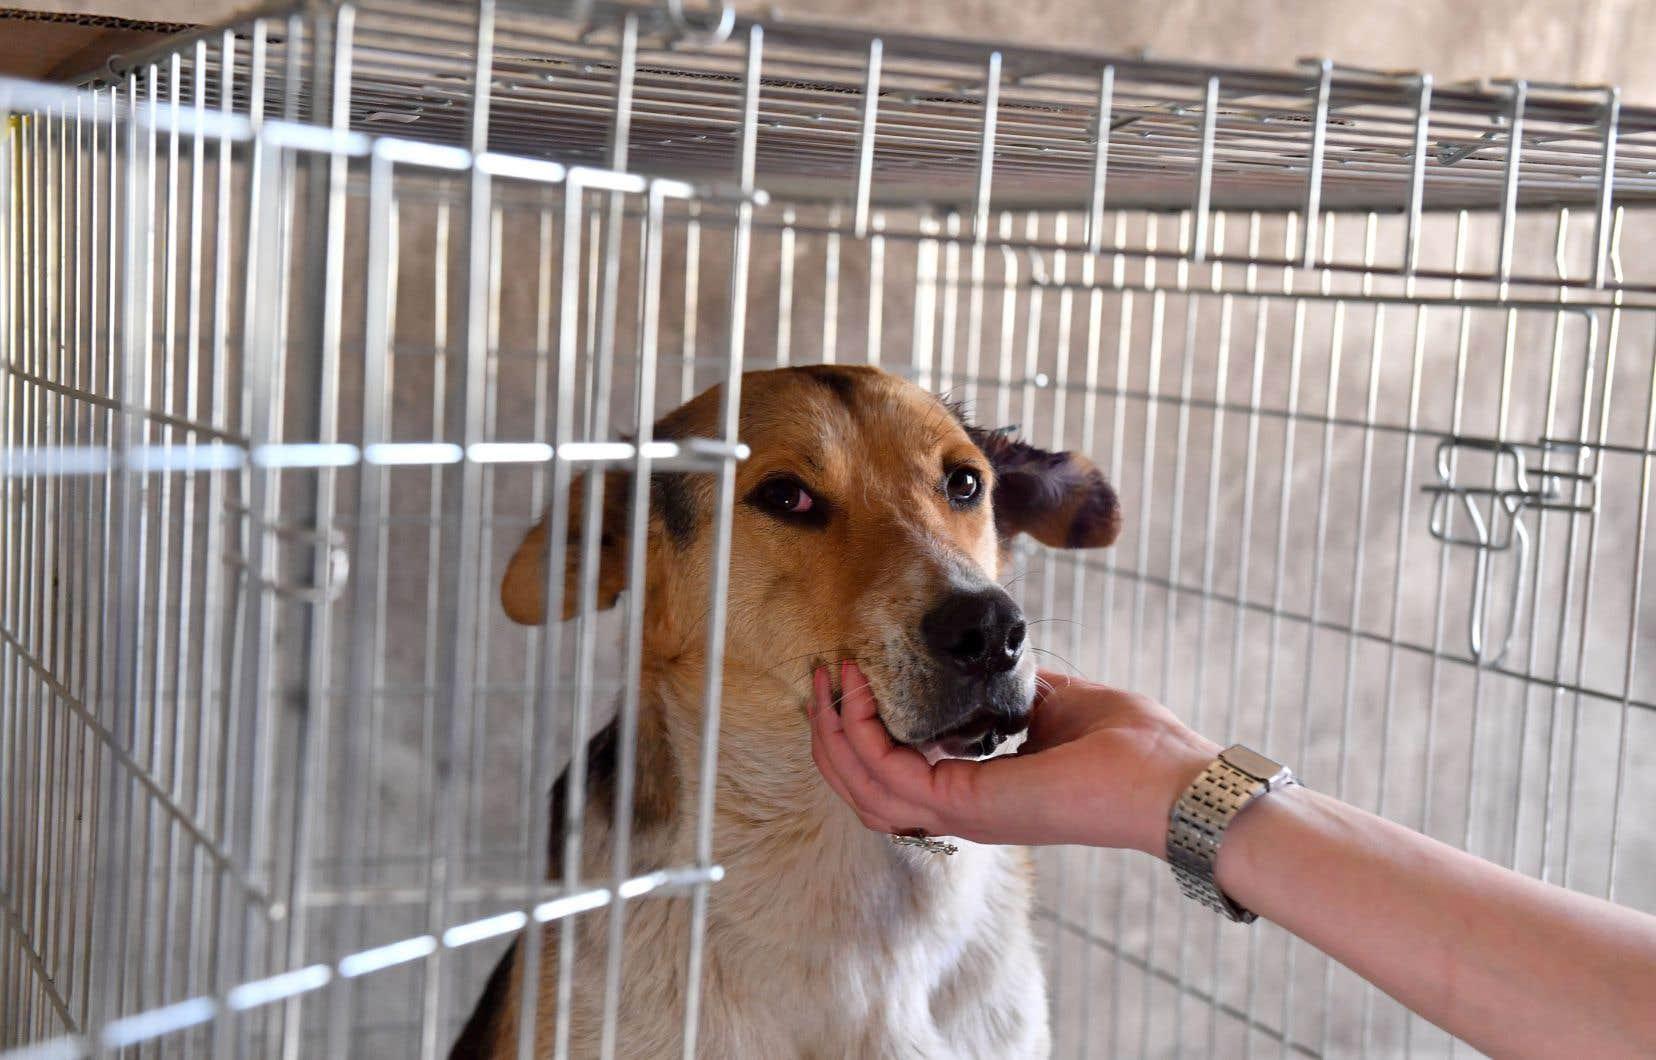 Valérie Plante soutient que la nouvelle réglementation en appellera à la responsabilisation des propriétaires de tous les types d'animaux.